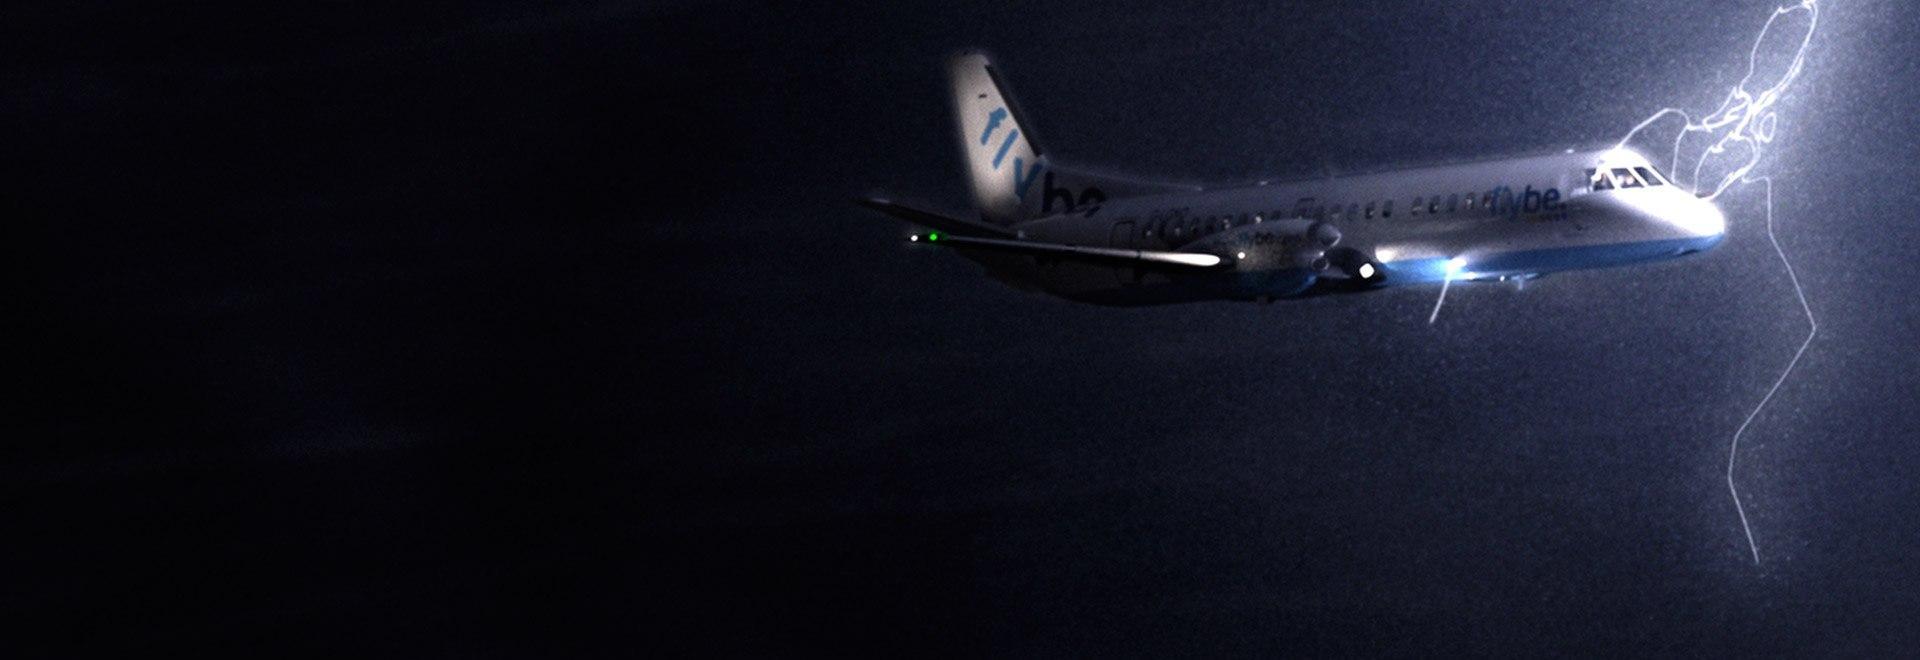 Catastrofe in volo